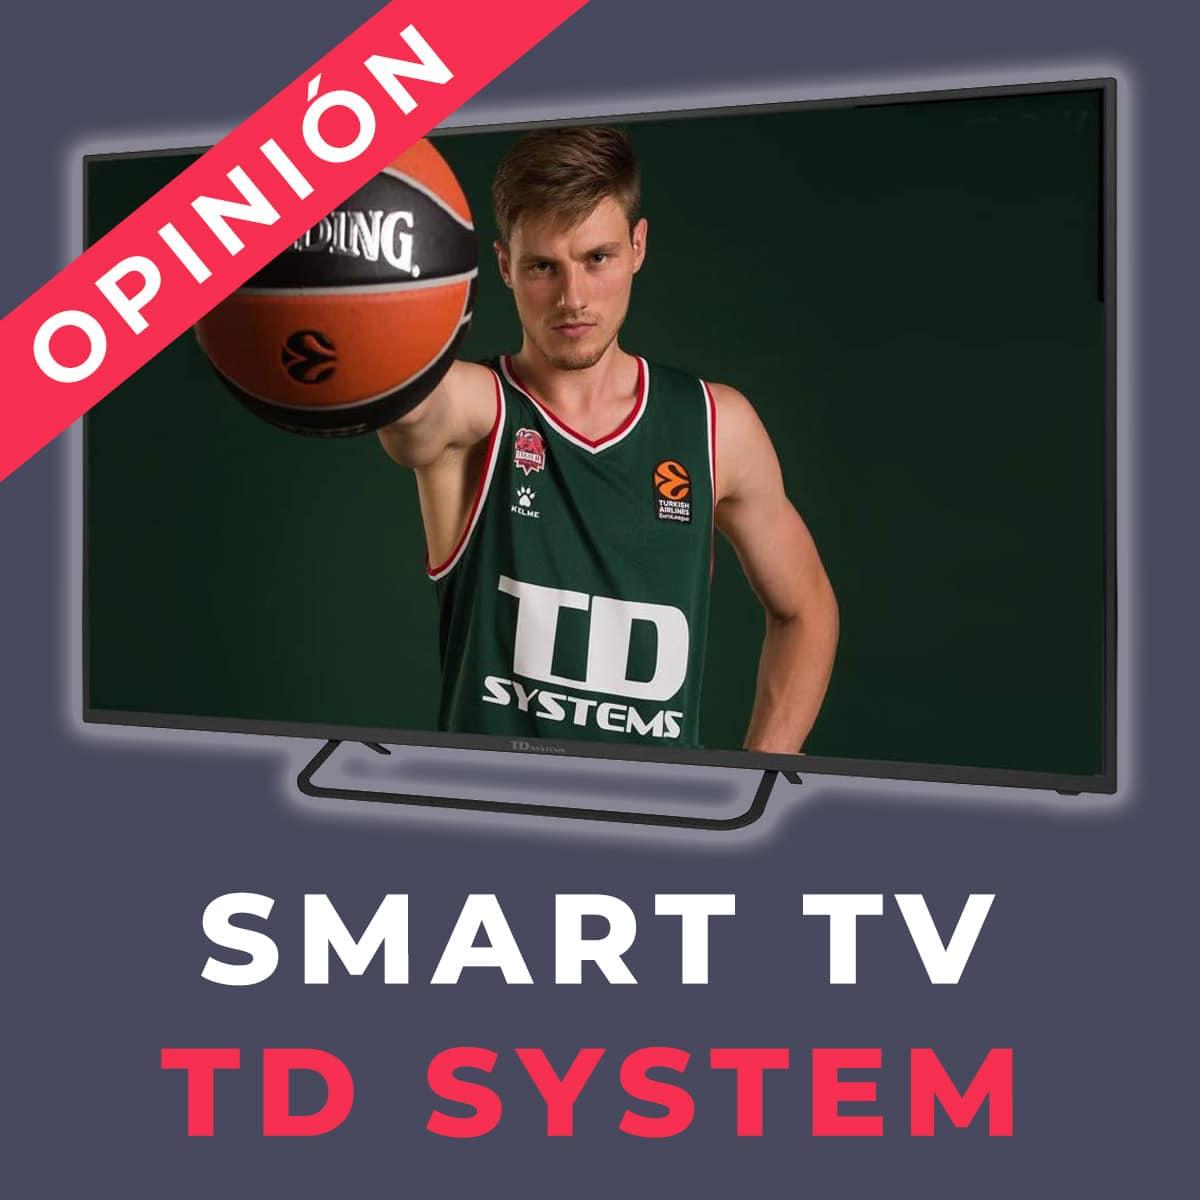 smart tv td system